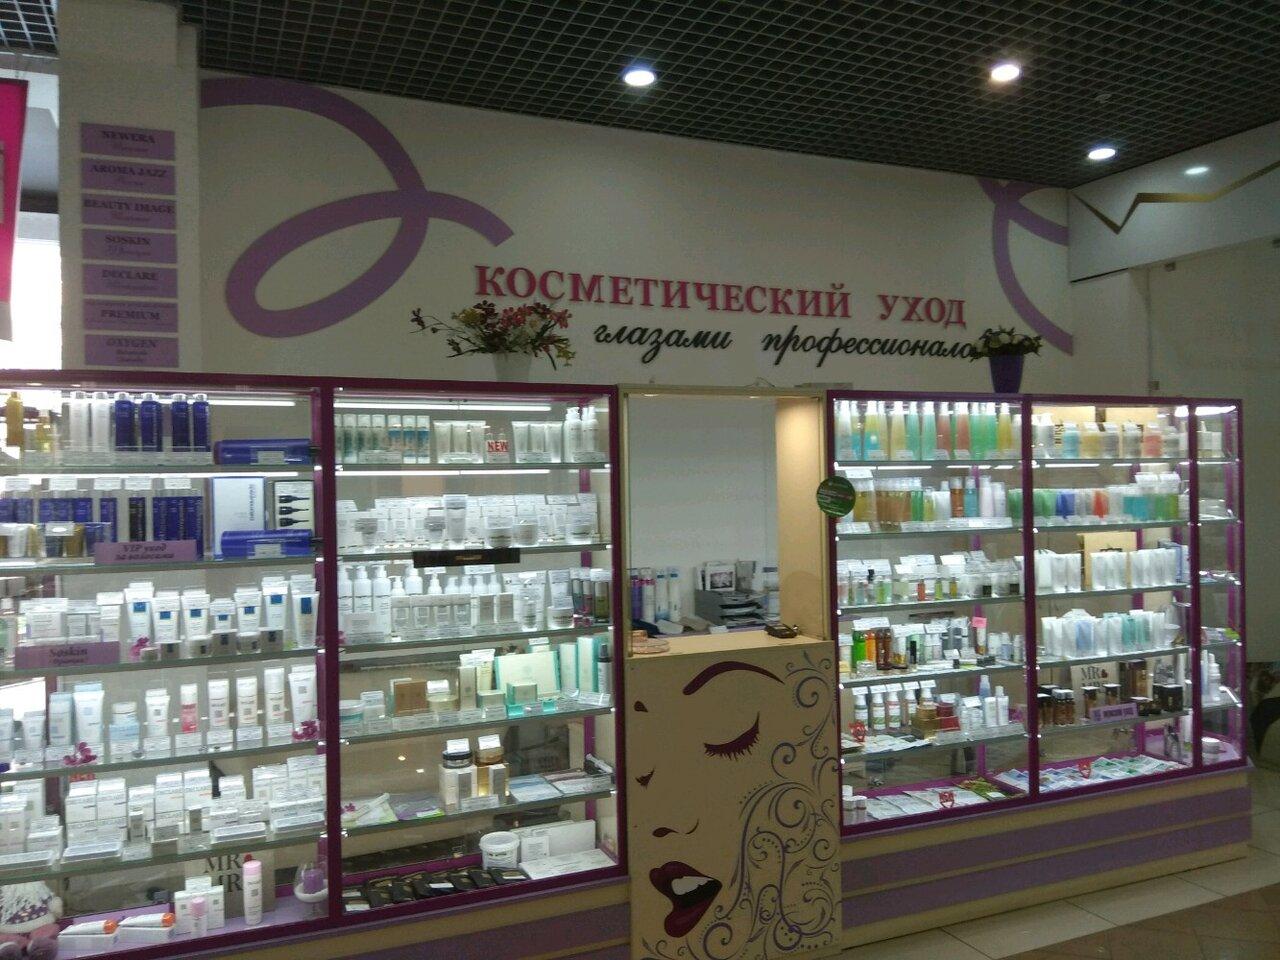 Профессиональная косметика рязань где купить colourpop косметика купить москва